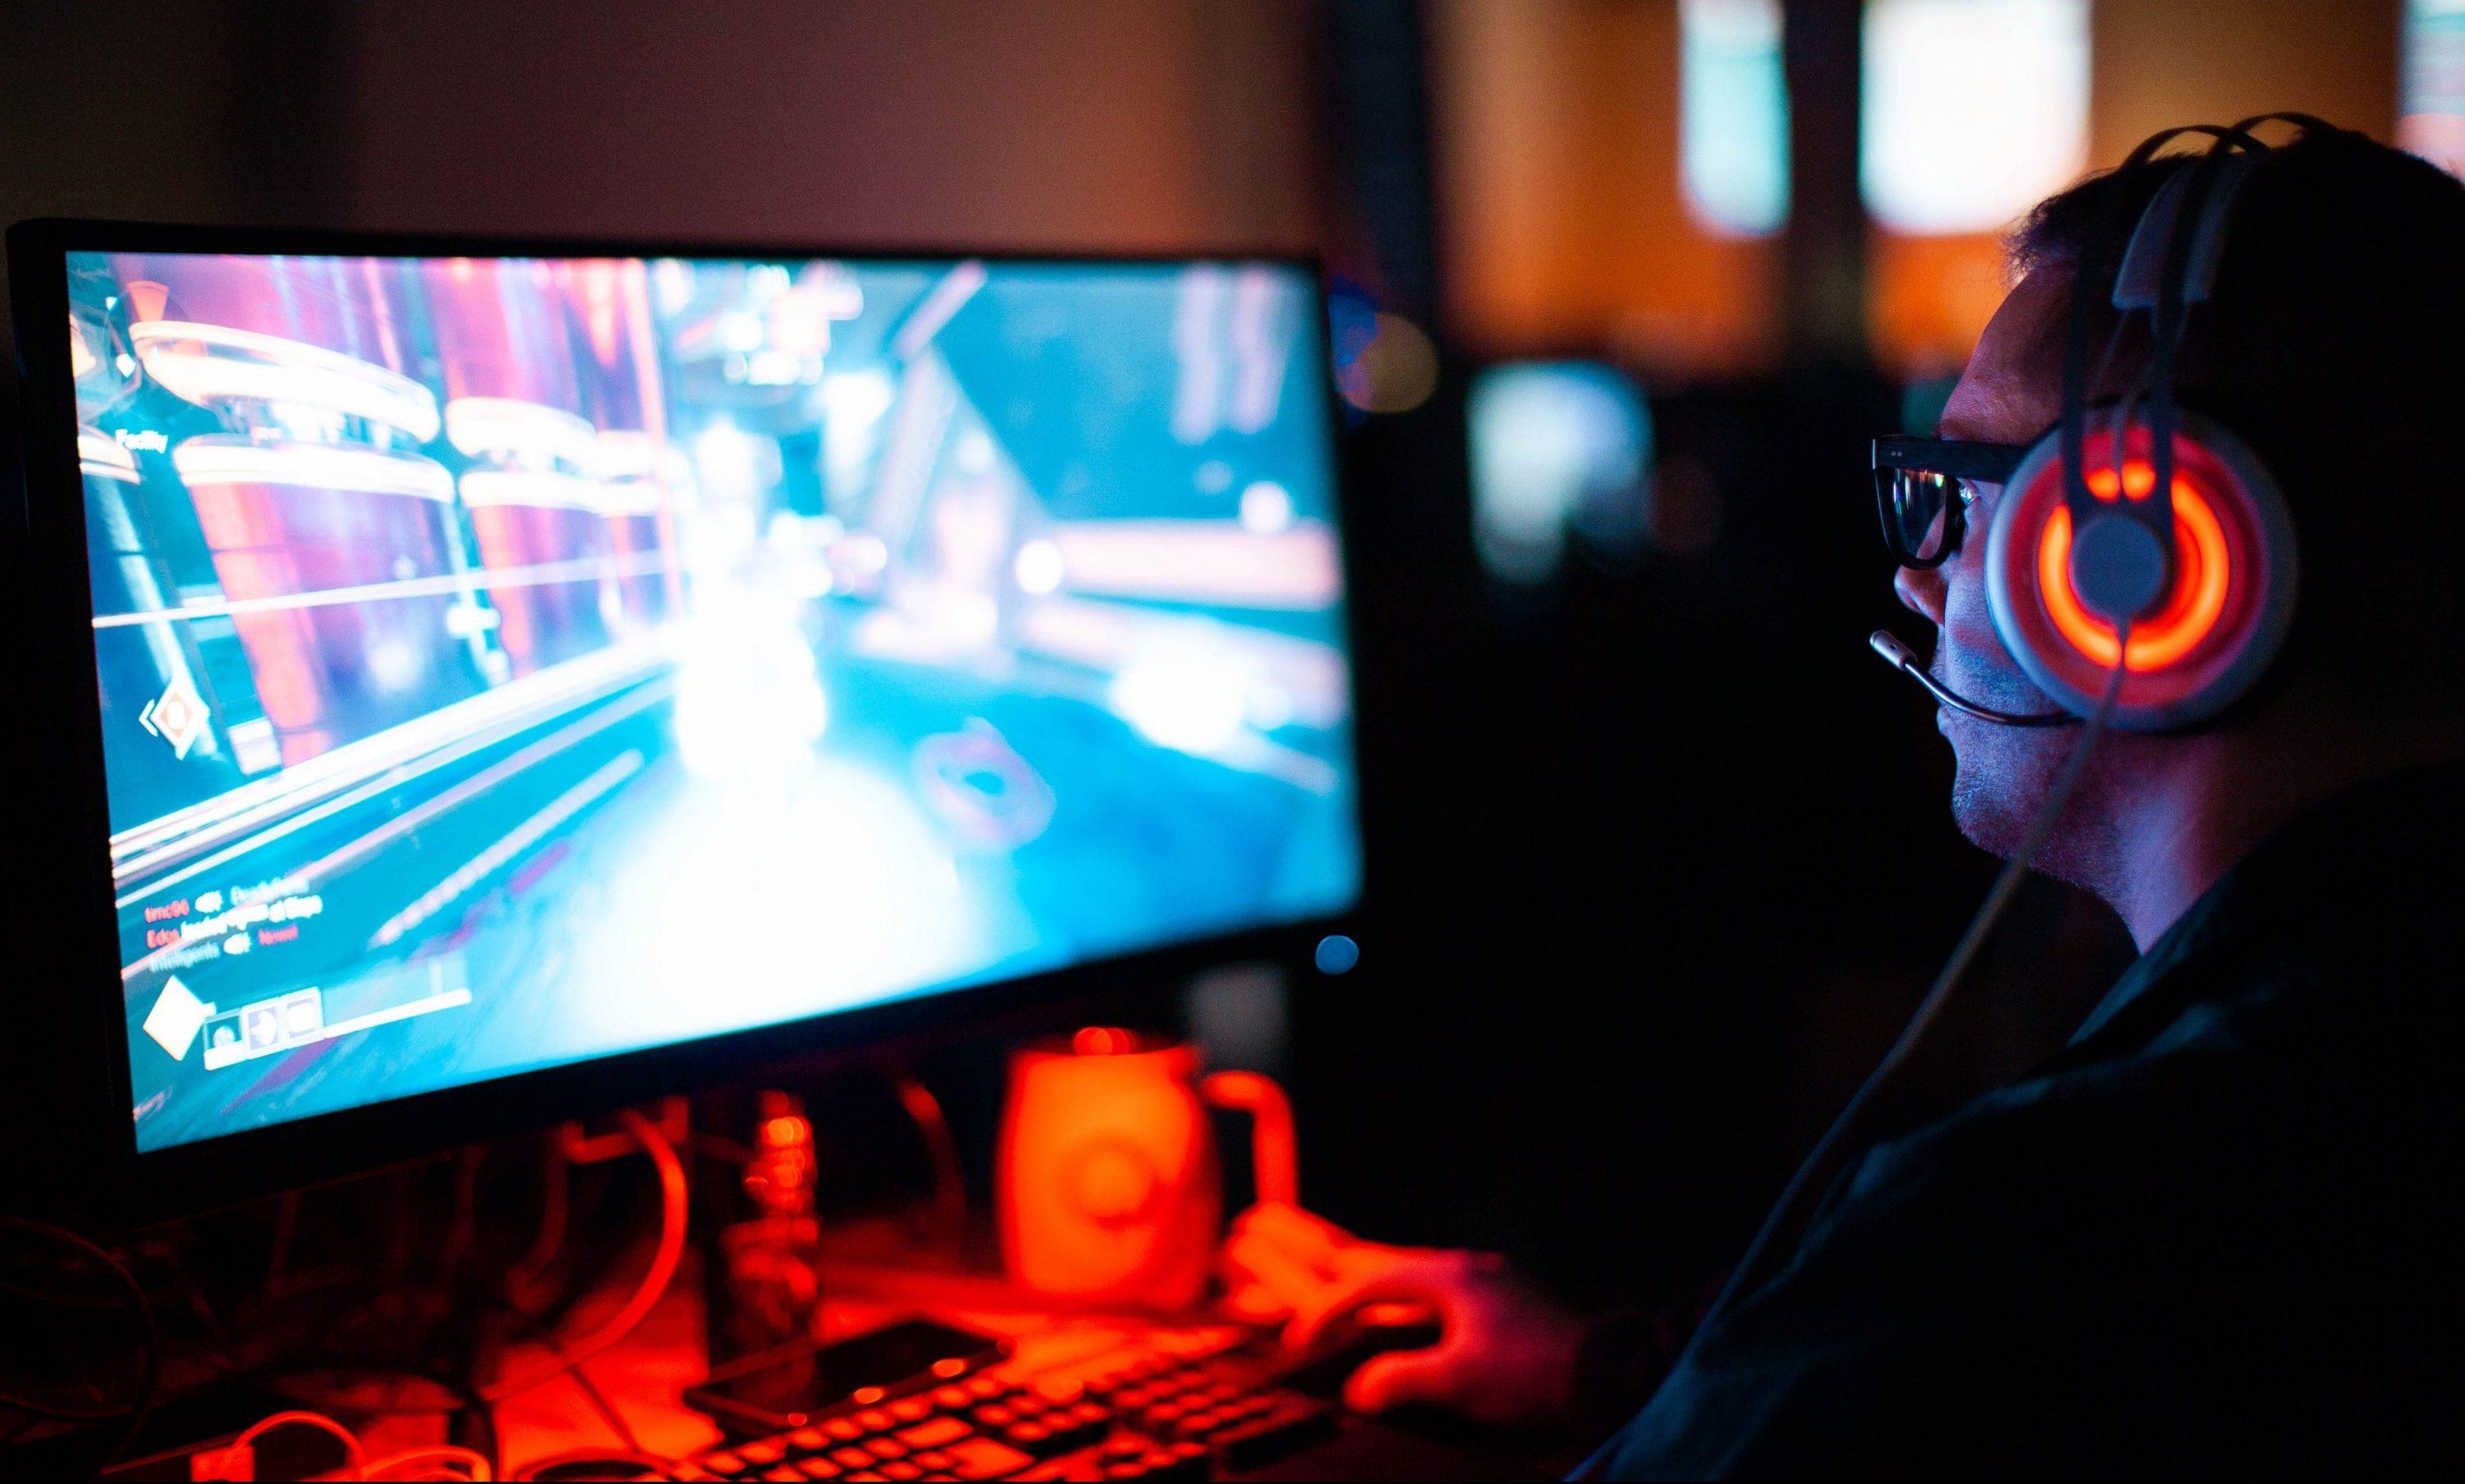 El videojuego Fortnite se cita como causa del 5% de los divorcios en el Reino Unido - Quartz